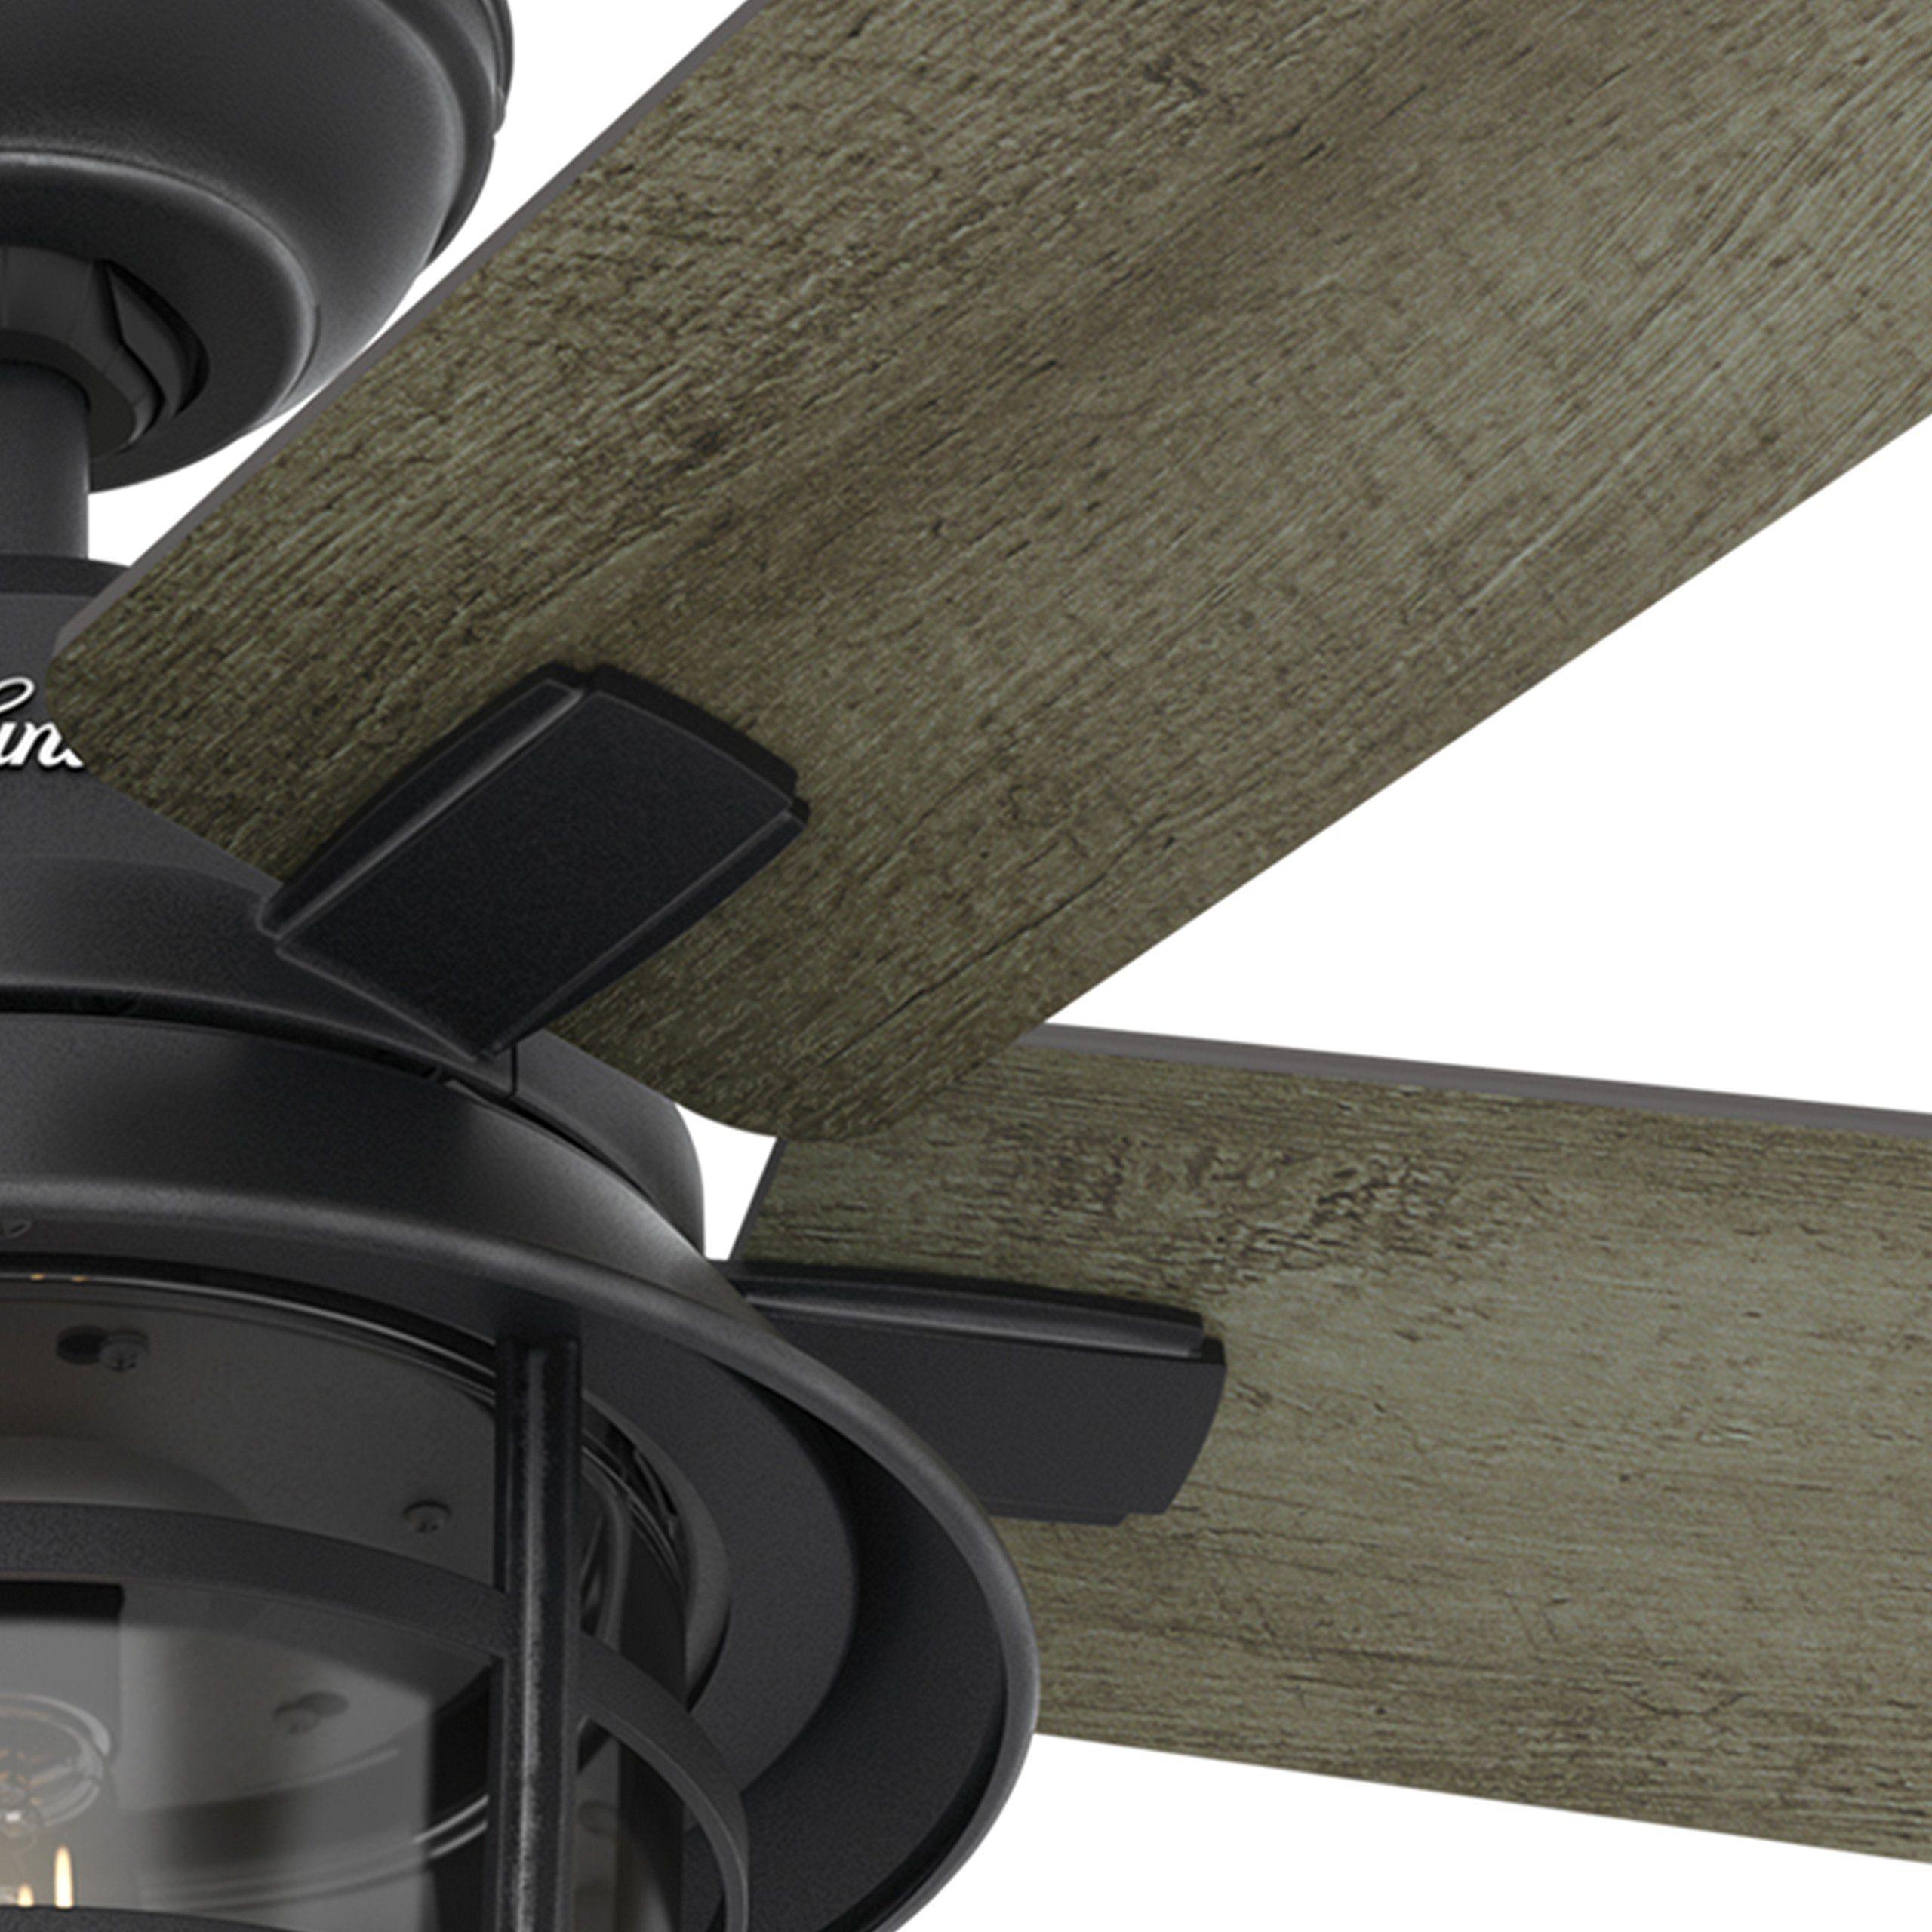 Hunter fan 54 weathered zinc outdoor ceiling fan with a clear hunter fan 54 weathered zinc outdoor ceiling fan with a clear glass led light kit and mozeypictures Choice Image